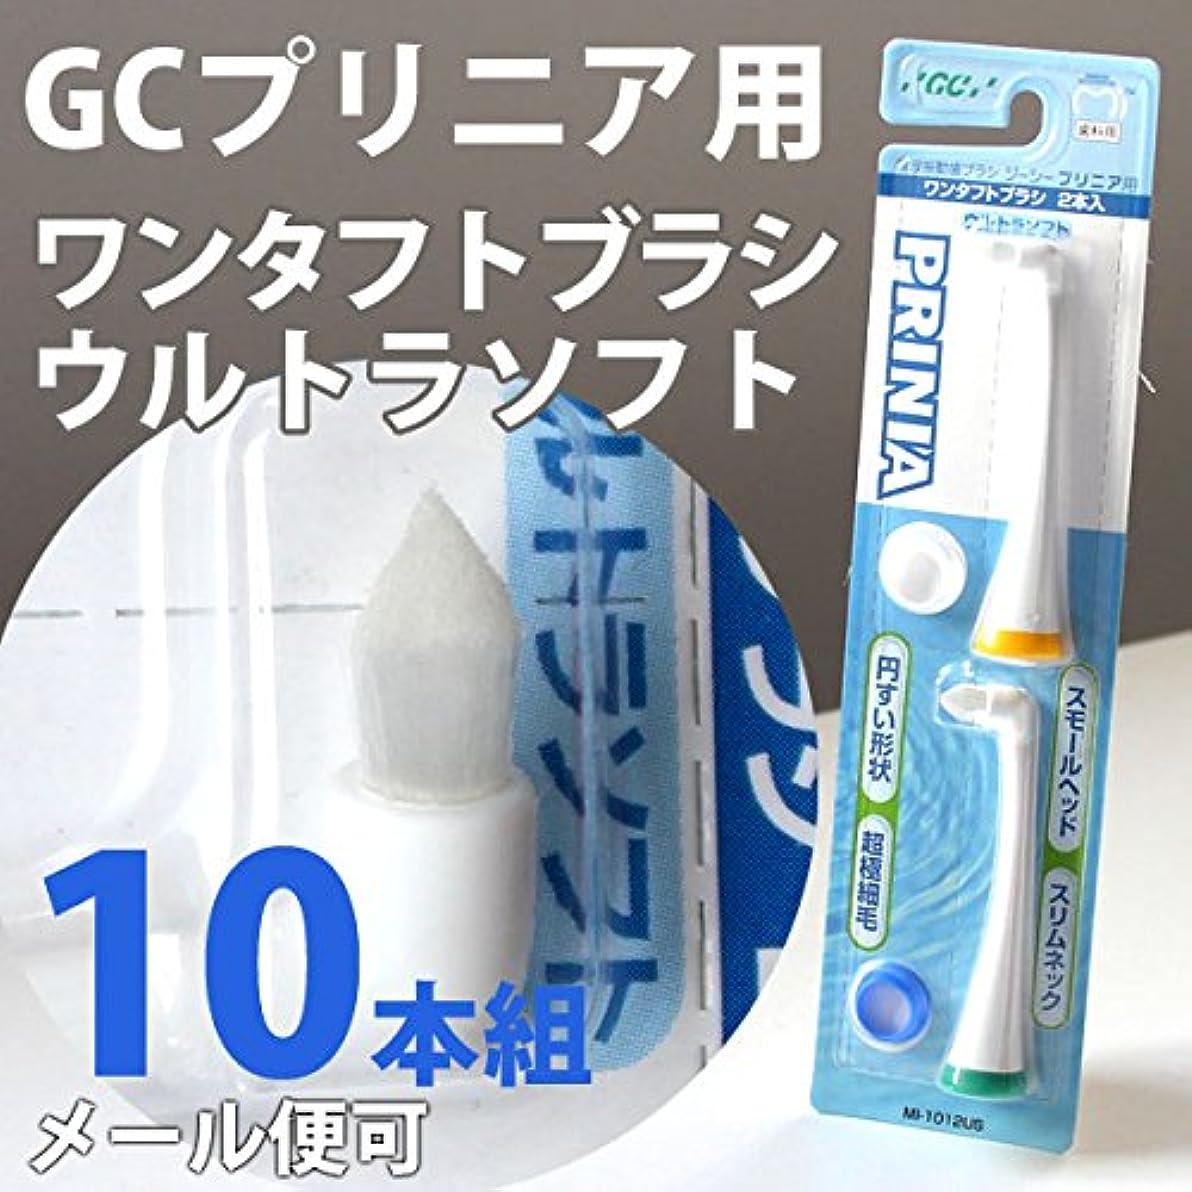 大きさアリスあざプリニア ワンタフト GC 音波振動 歯ブラシ プリニアスリム ブラシ 替えブラシ (ウルトラソフト)5セット (10本)